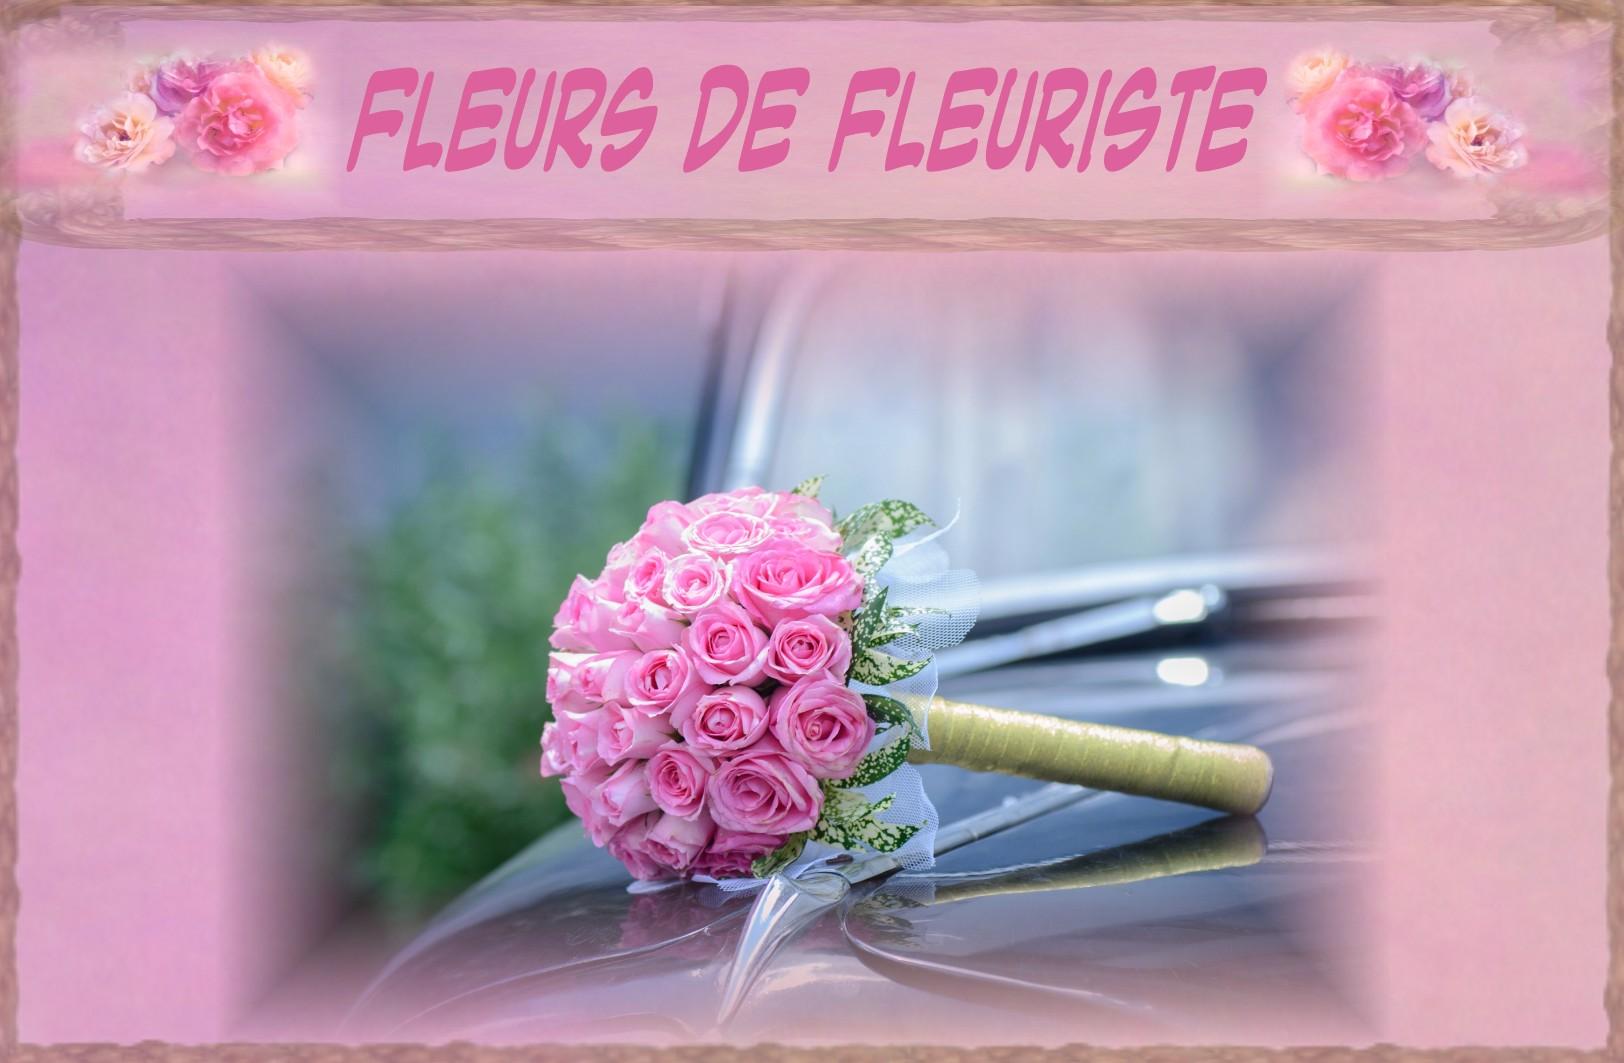 FLEURS MARIAGE OCTON 34 -  FLEURISTE MARIAGE OCTON 34 - ENVOYER FLEURS MARIAGE OCTON 34 - ENVOI FLEURS MARIAGE OCTON 34 - FLEURS PACS OCTON 34 - livrer des fleurs pour un mariage, un pacs par un fleuriste de OCTON 34